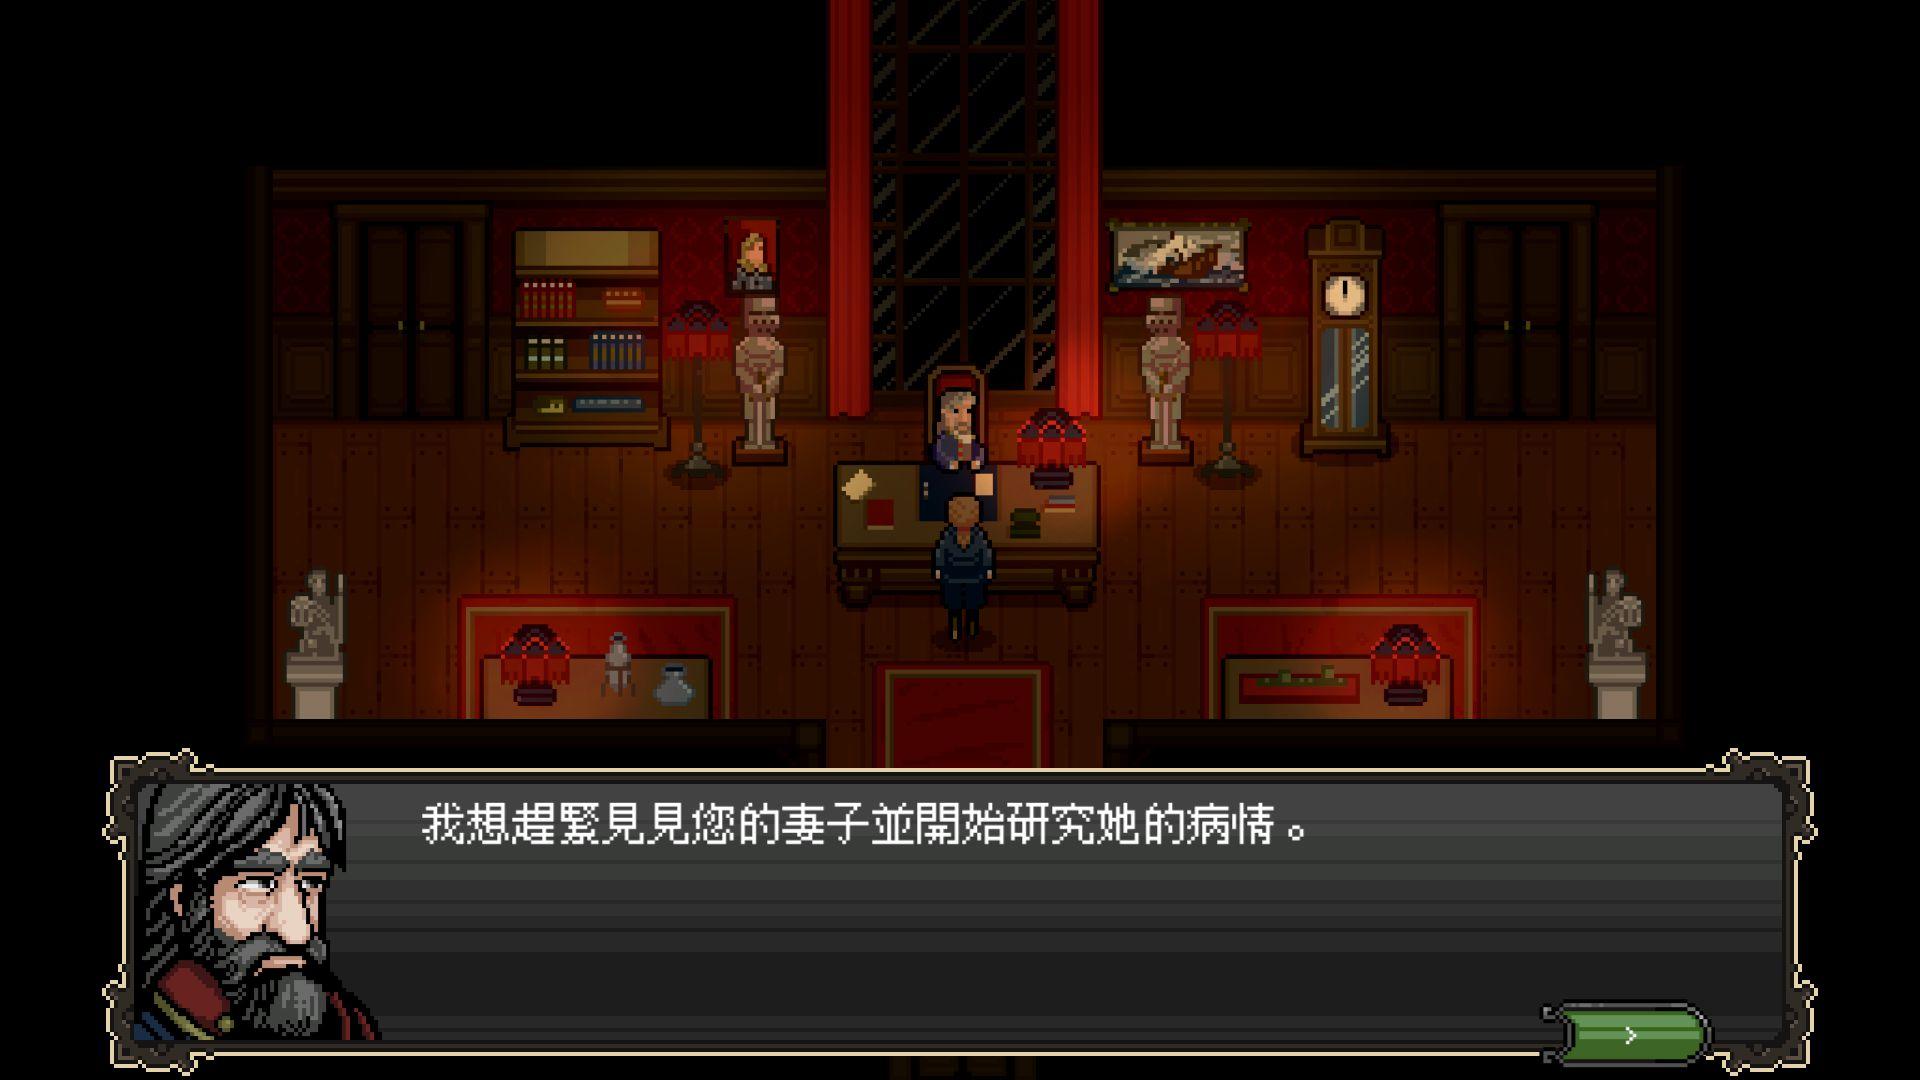 恐怖生存解謎遊戲《 哀歌 (Lamentum)》8 月 31 日發售日正式公佈